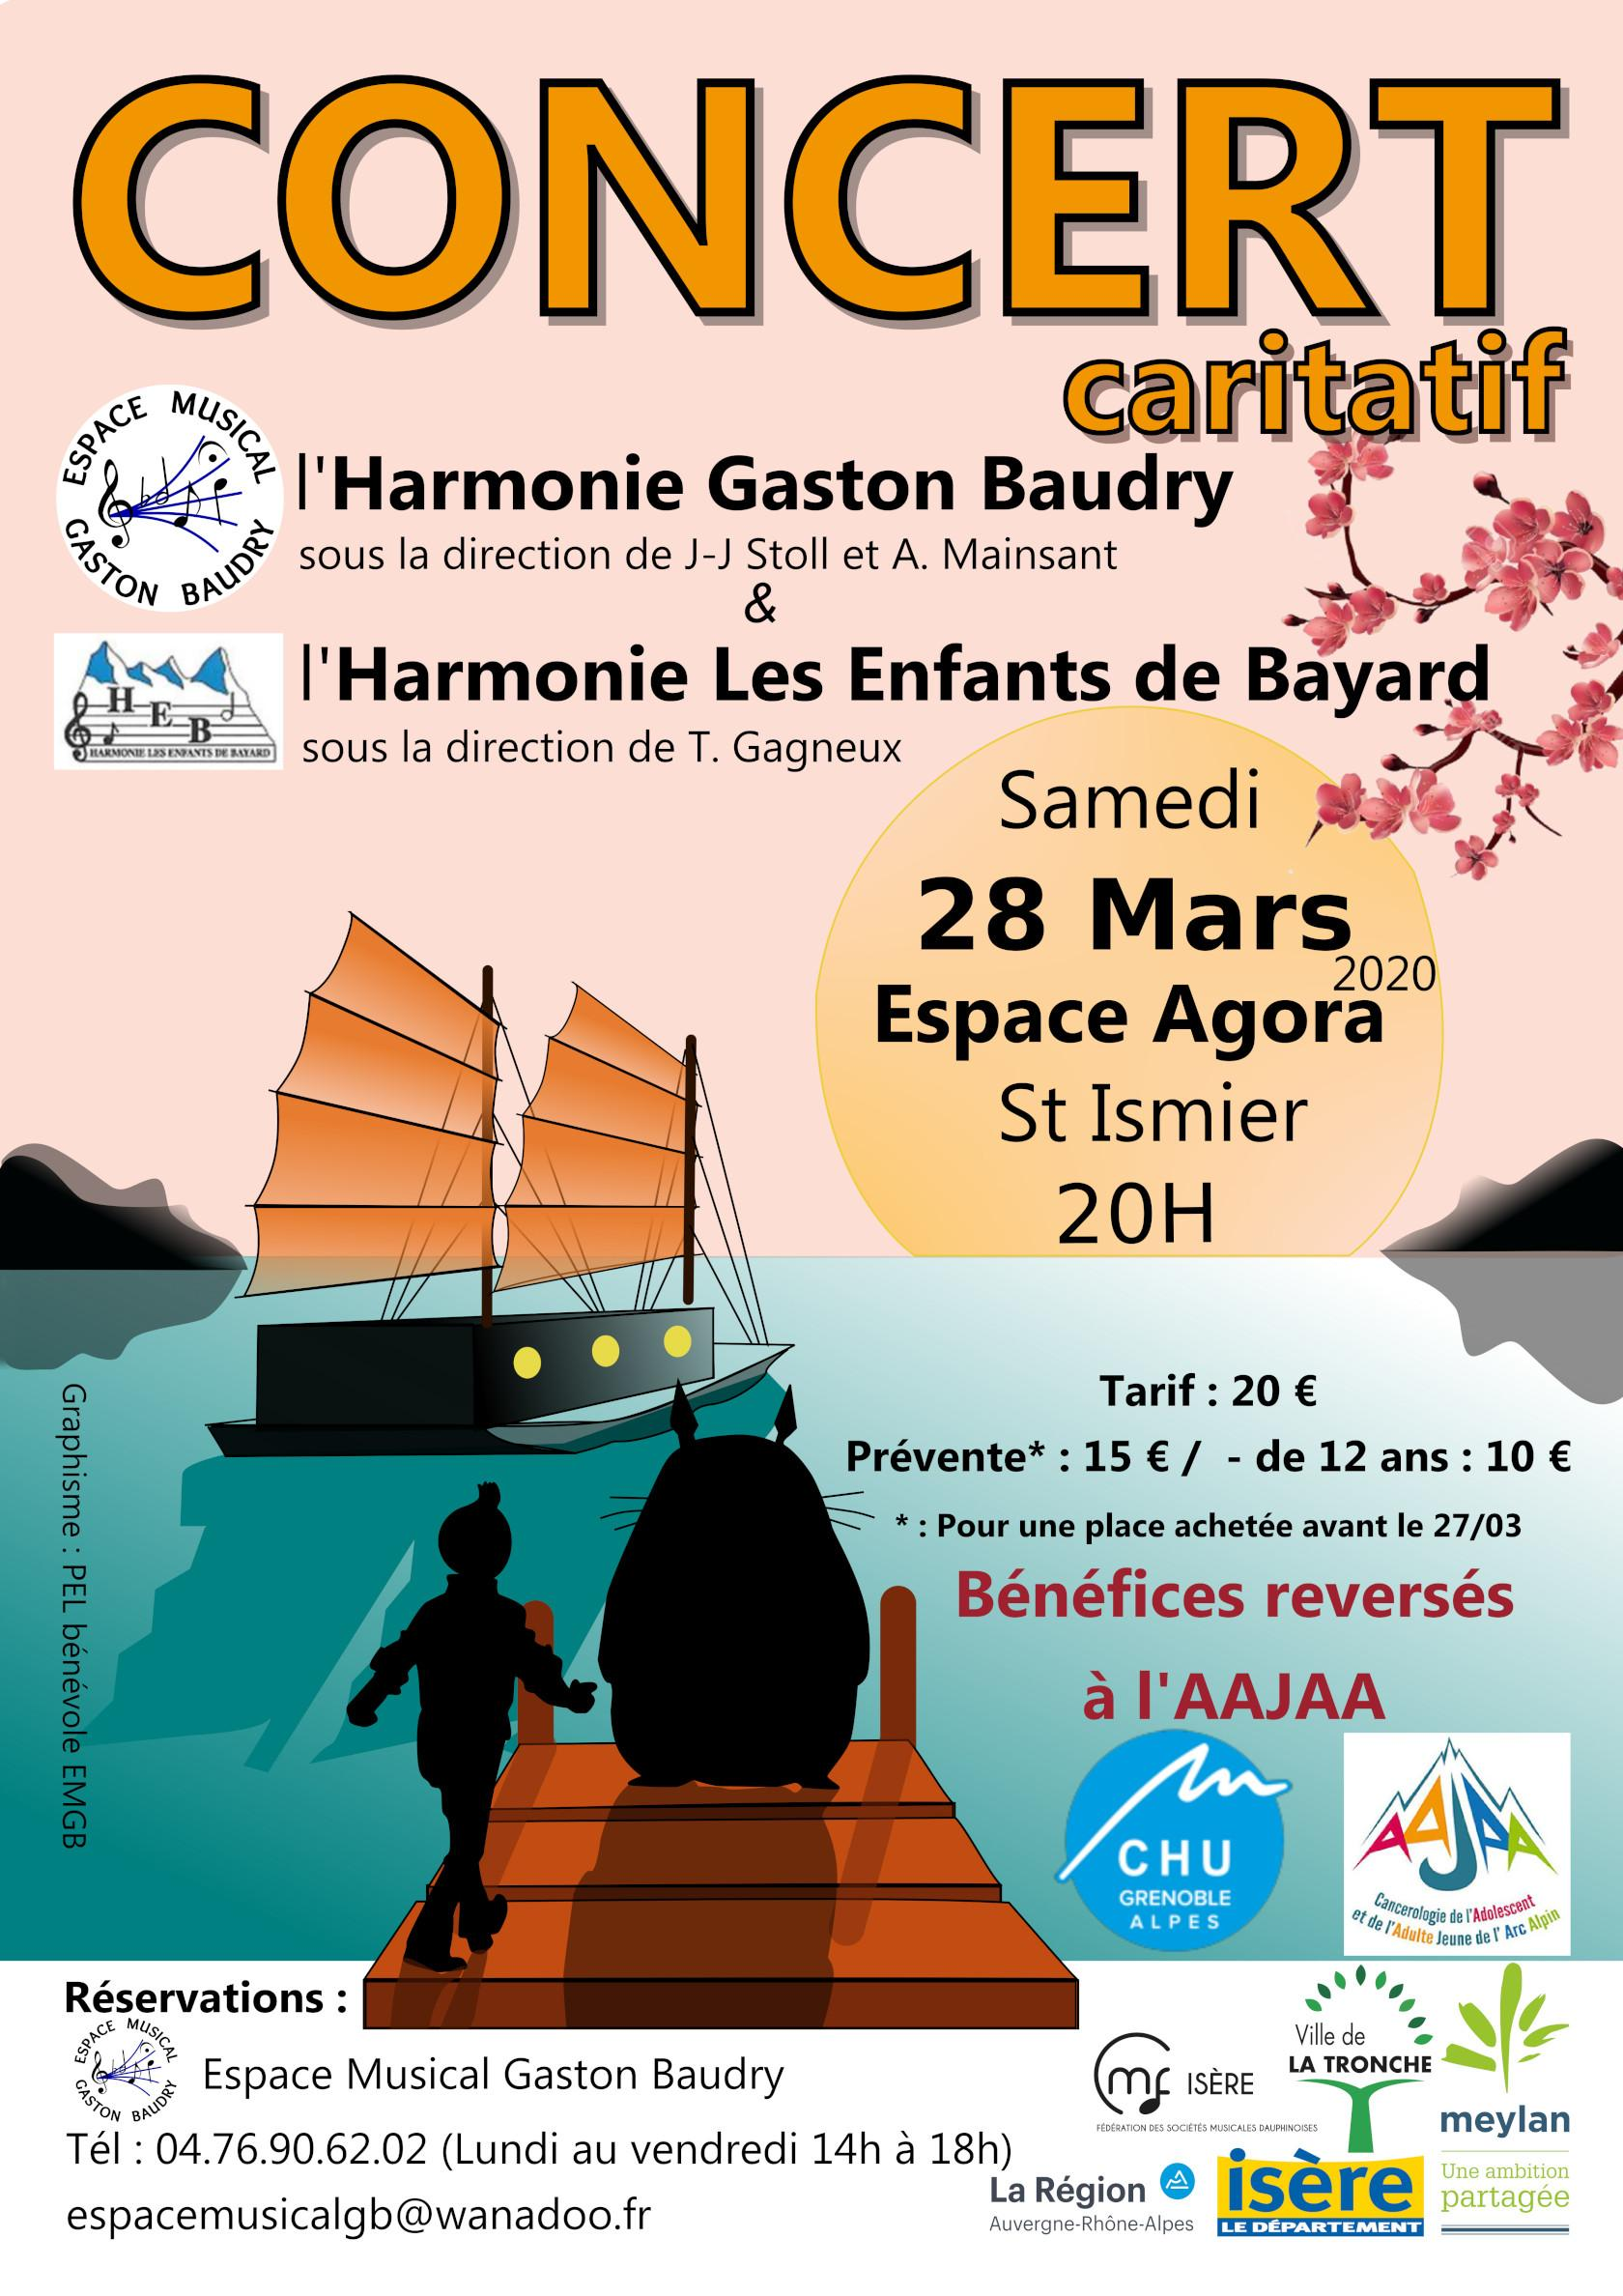 Espace musical gaston baudry, les enfants de bayard, 2020/03/28 Affiche Concert Agora